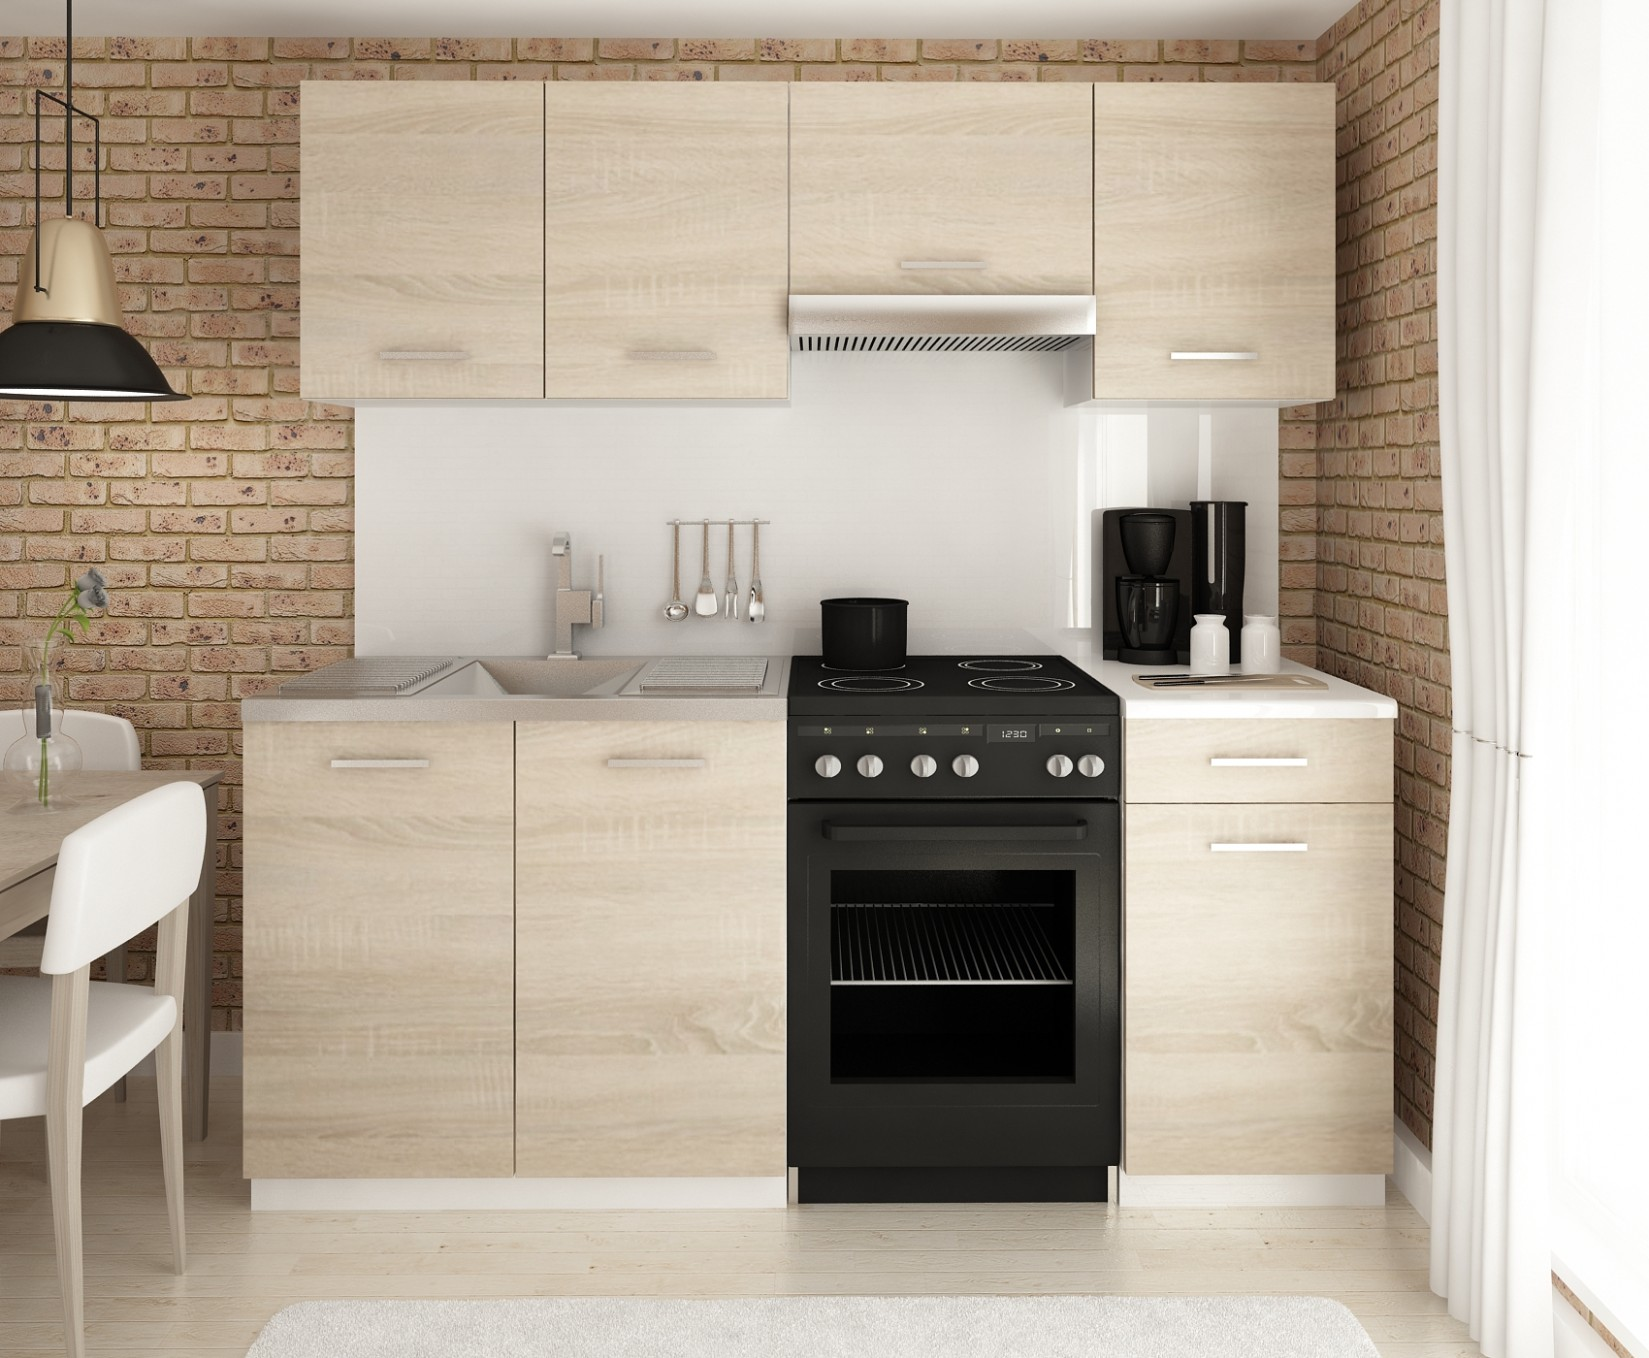 Kuchyně: Kuchyňská linka LUIZA 53/53 - Nejlevnější nábytek s ...